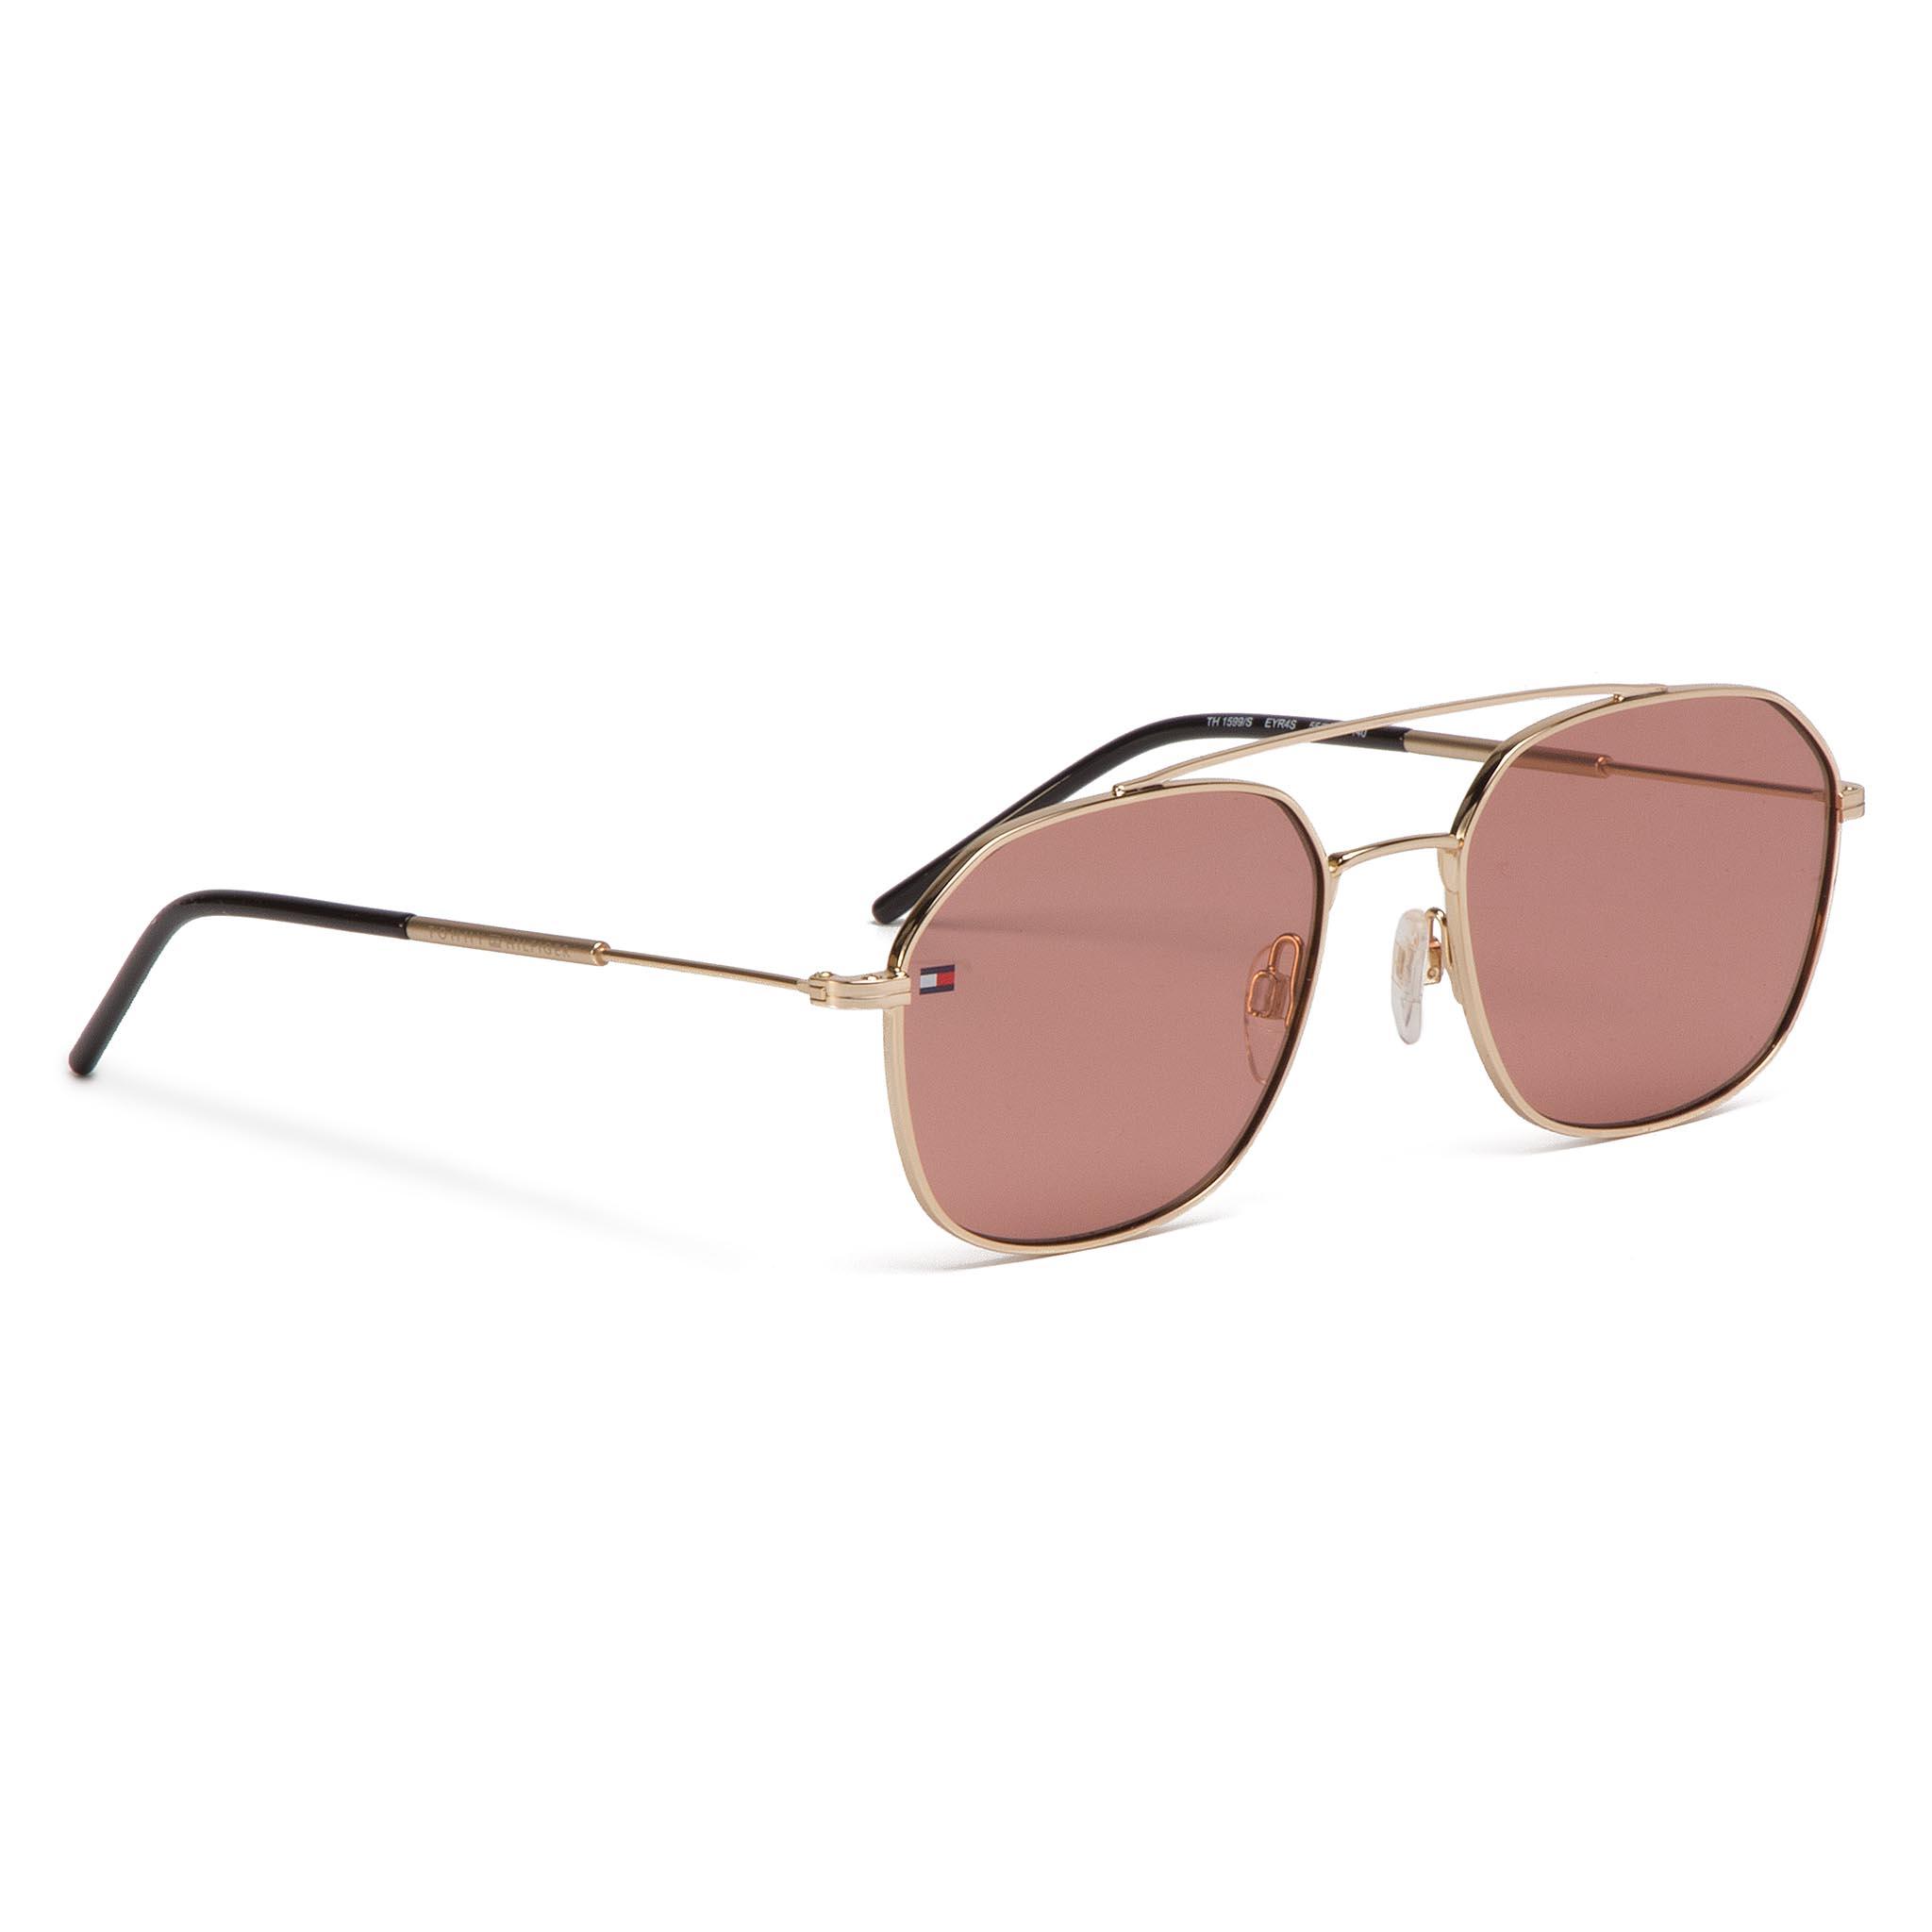 46a7965e9 Slnečné okuliare TOMMY HILFIGER - 1599/S Gold Pink EYR - Glami.sk